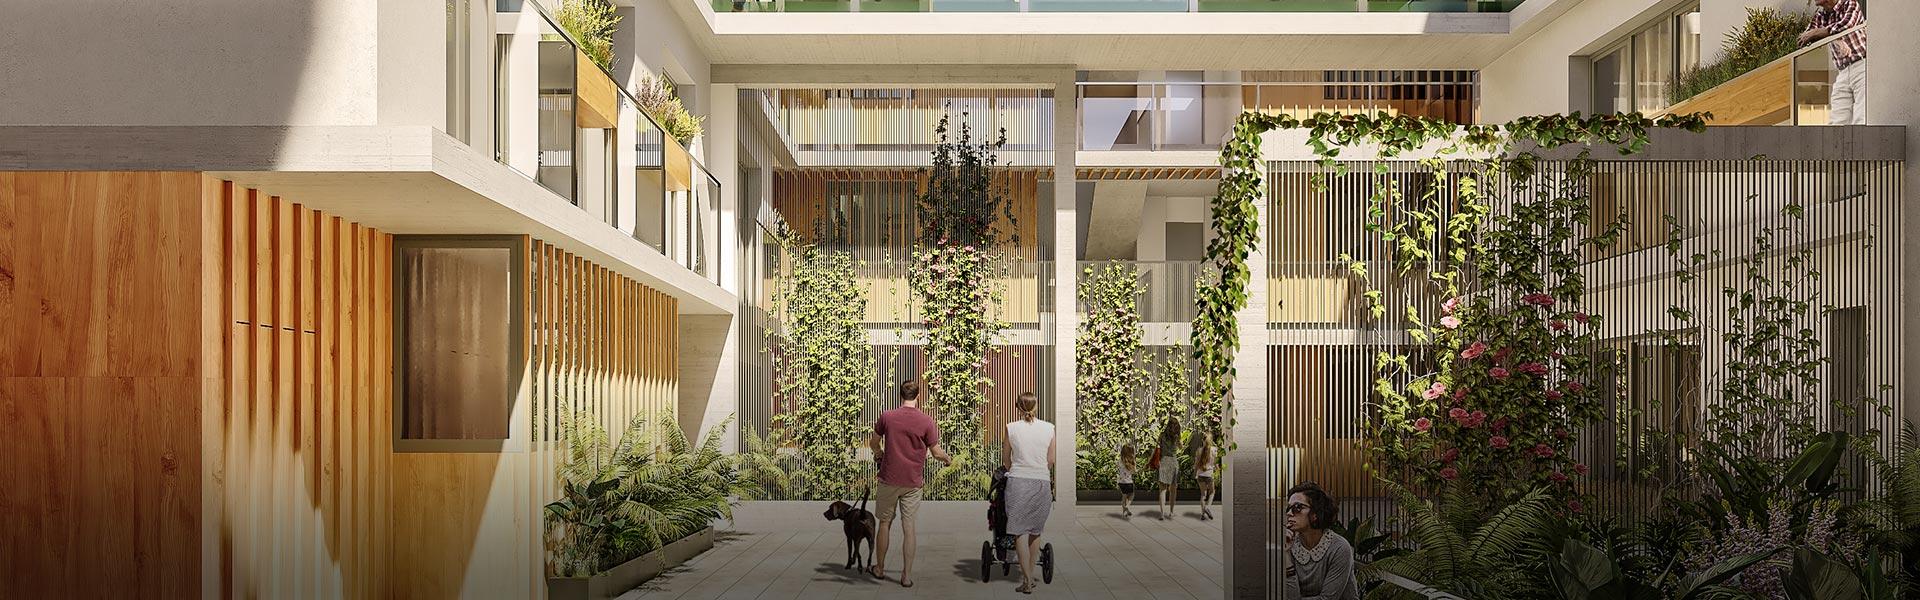 Promoción de viviendas de obra nueva en Triana: ABU Guadalquivir